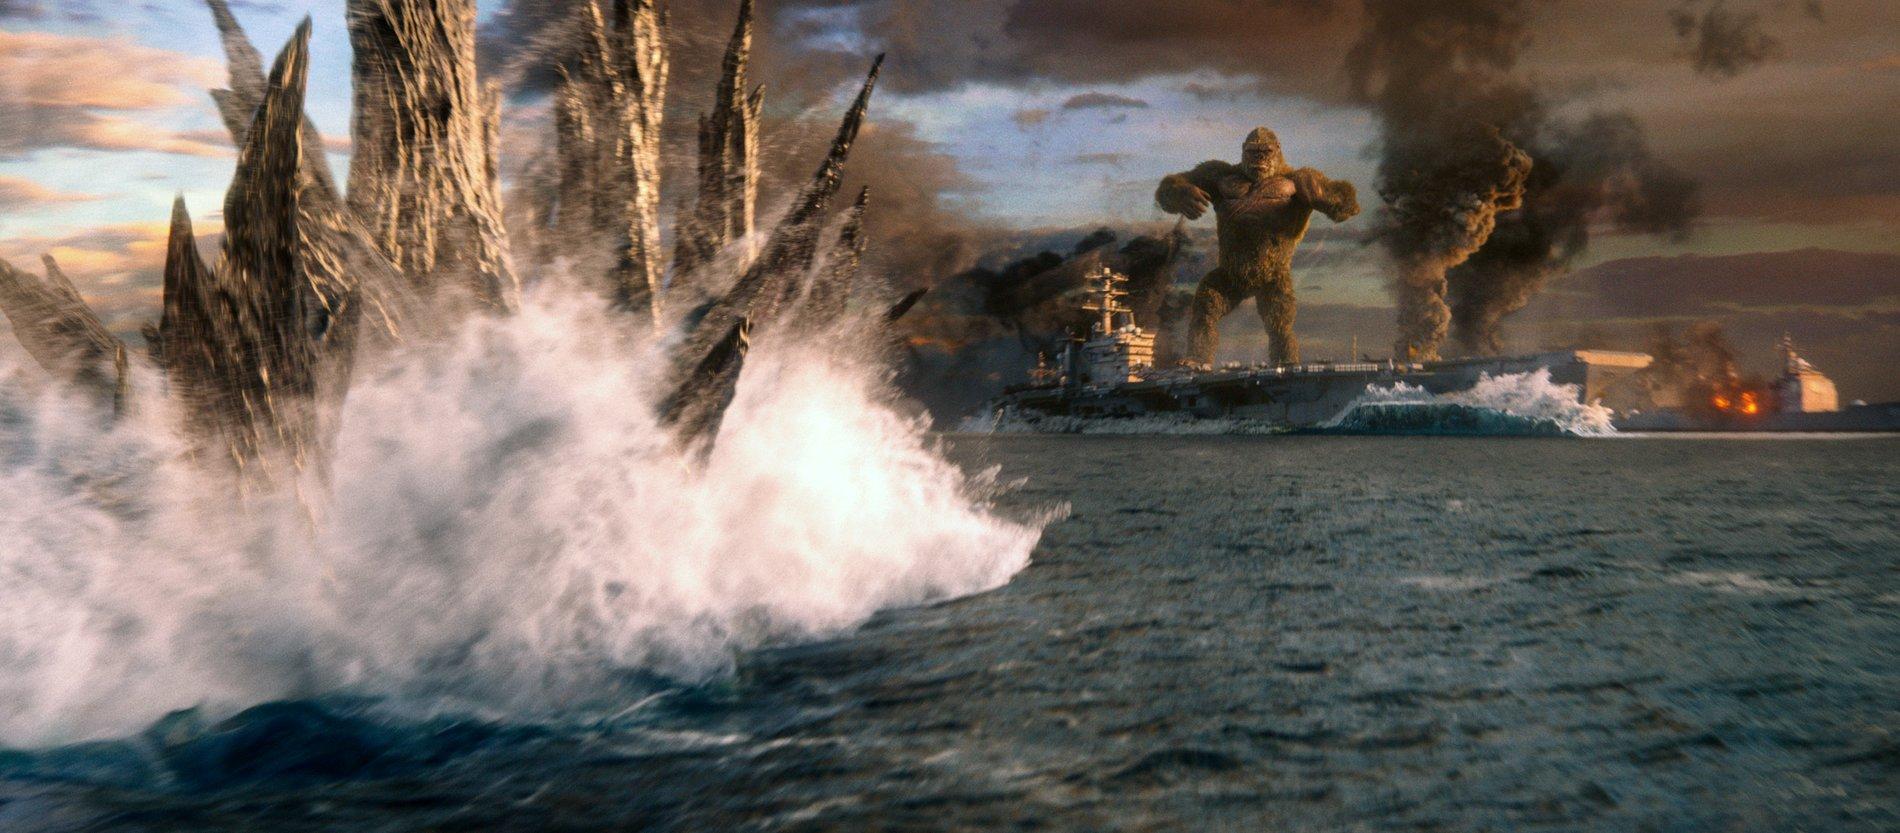 Các cảnh đại chiến giữa Kong và Godzilla đều được làm kỹ xảo rất đẹp